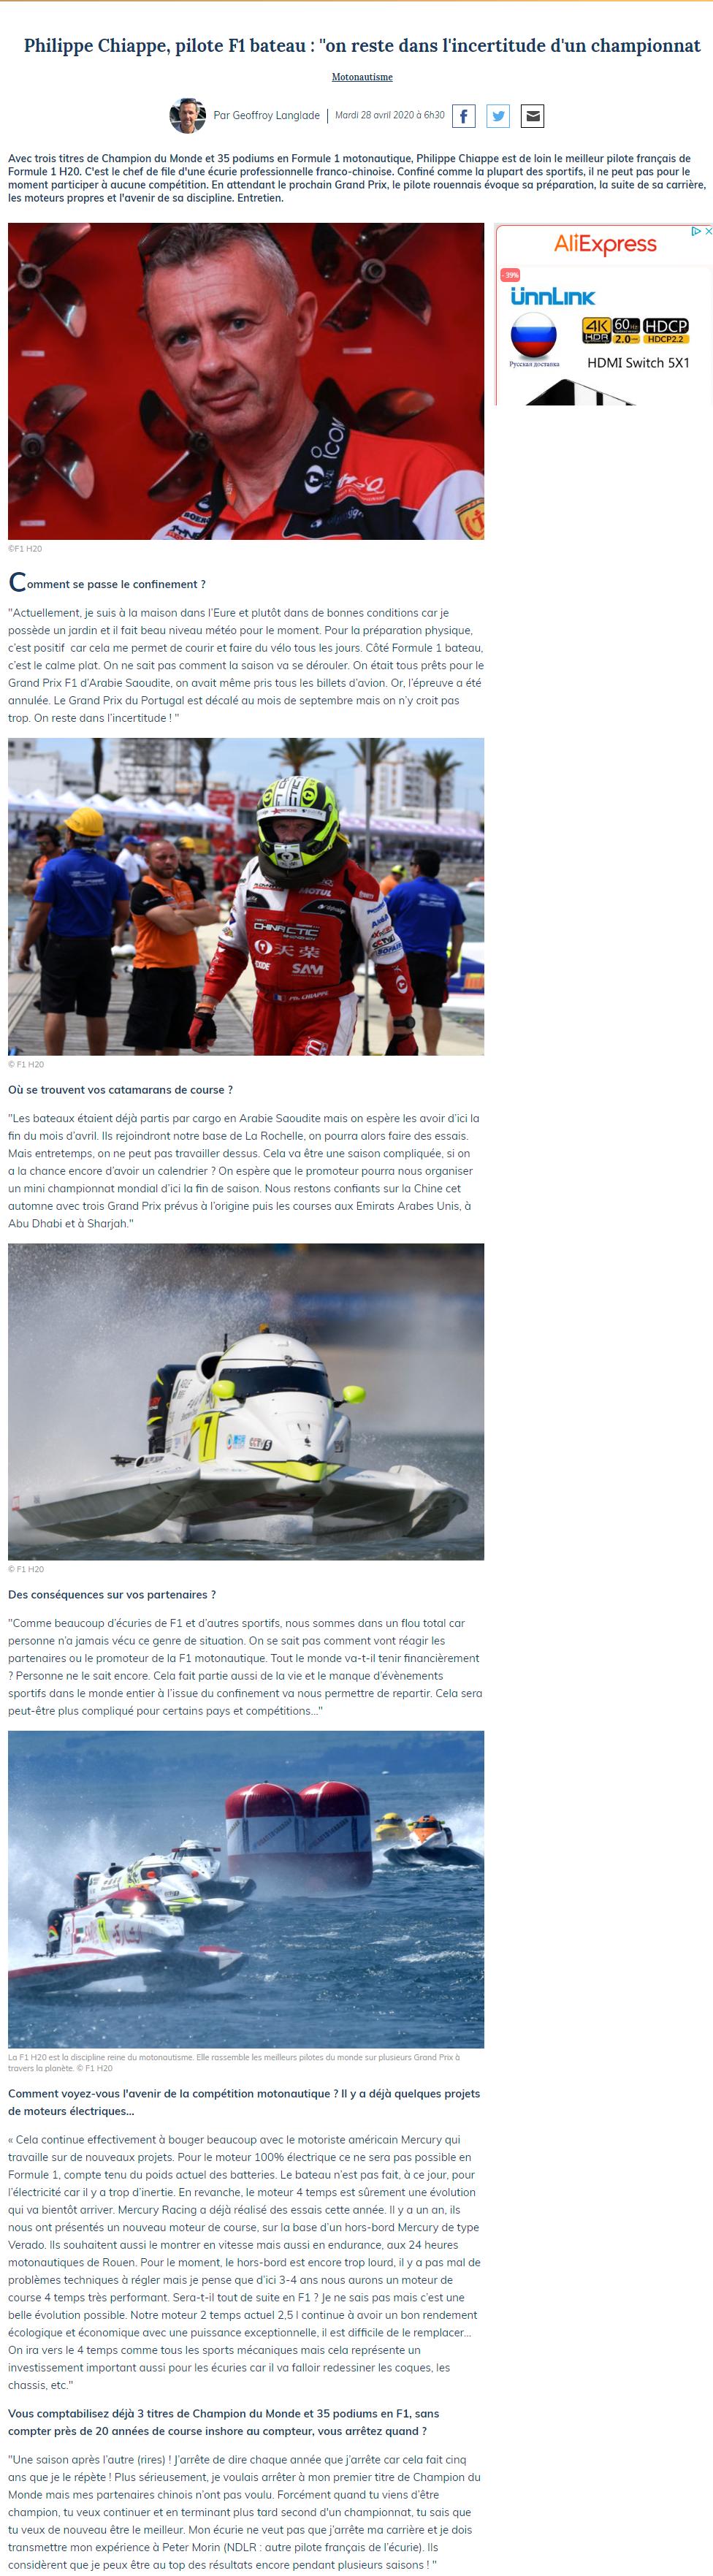 screencapture-figaronautisme-meteoconsult-fr-actus-nautisme-courses-2020-04-27-54867-philippe-chiappe-pilote-f1-bateau-on-reste-dans-l-incertitude-d-un-championnat-2020-04-28-13_09_05